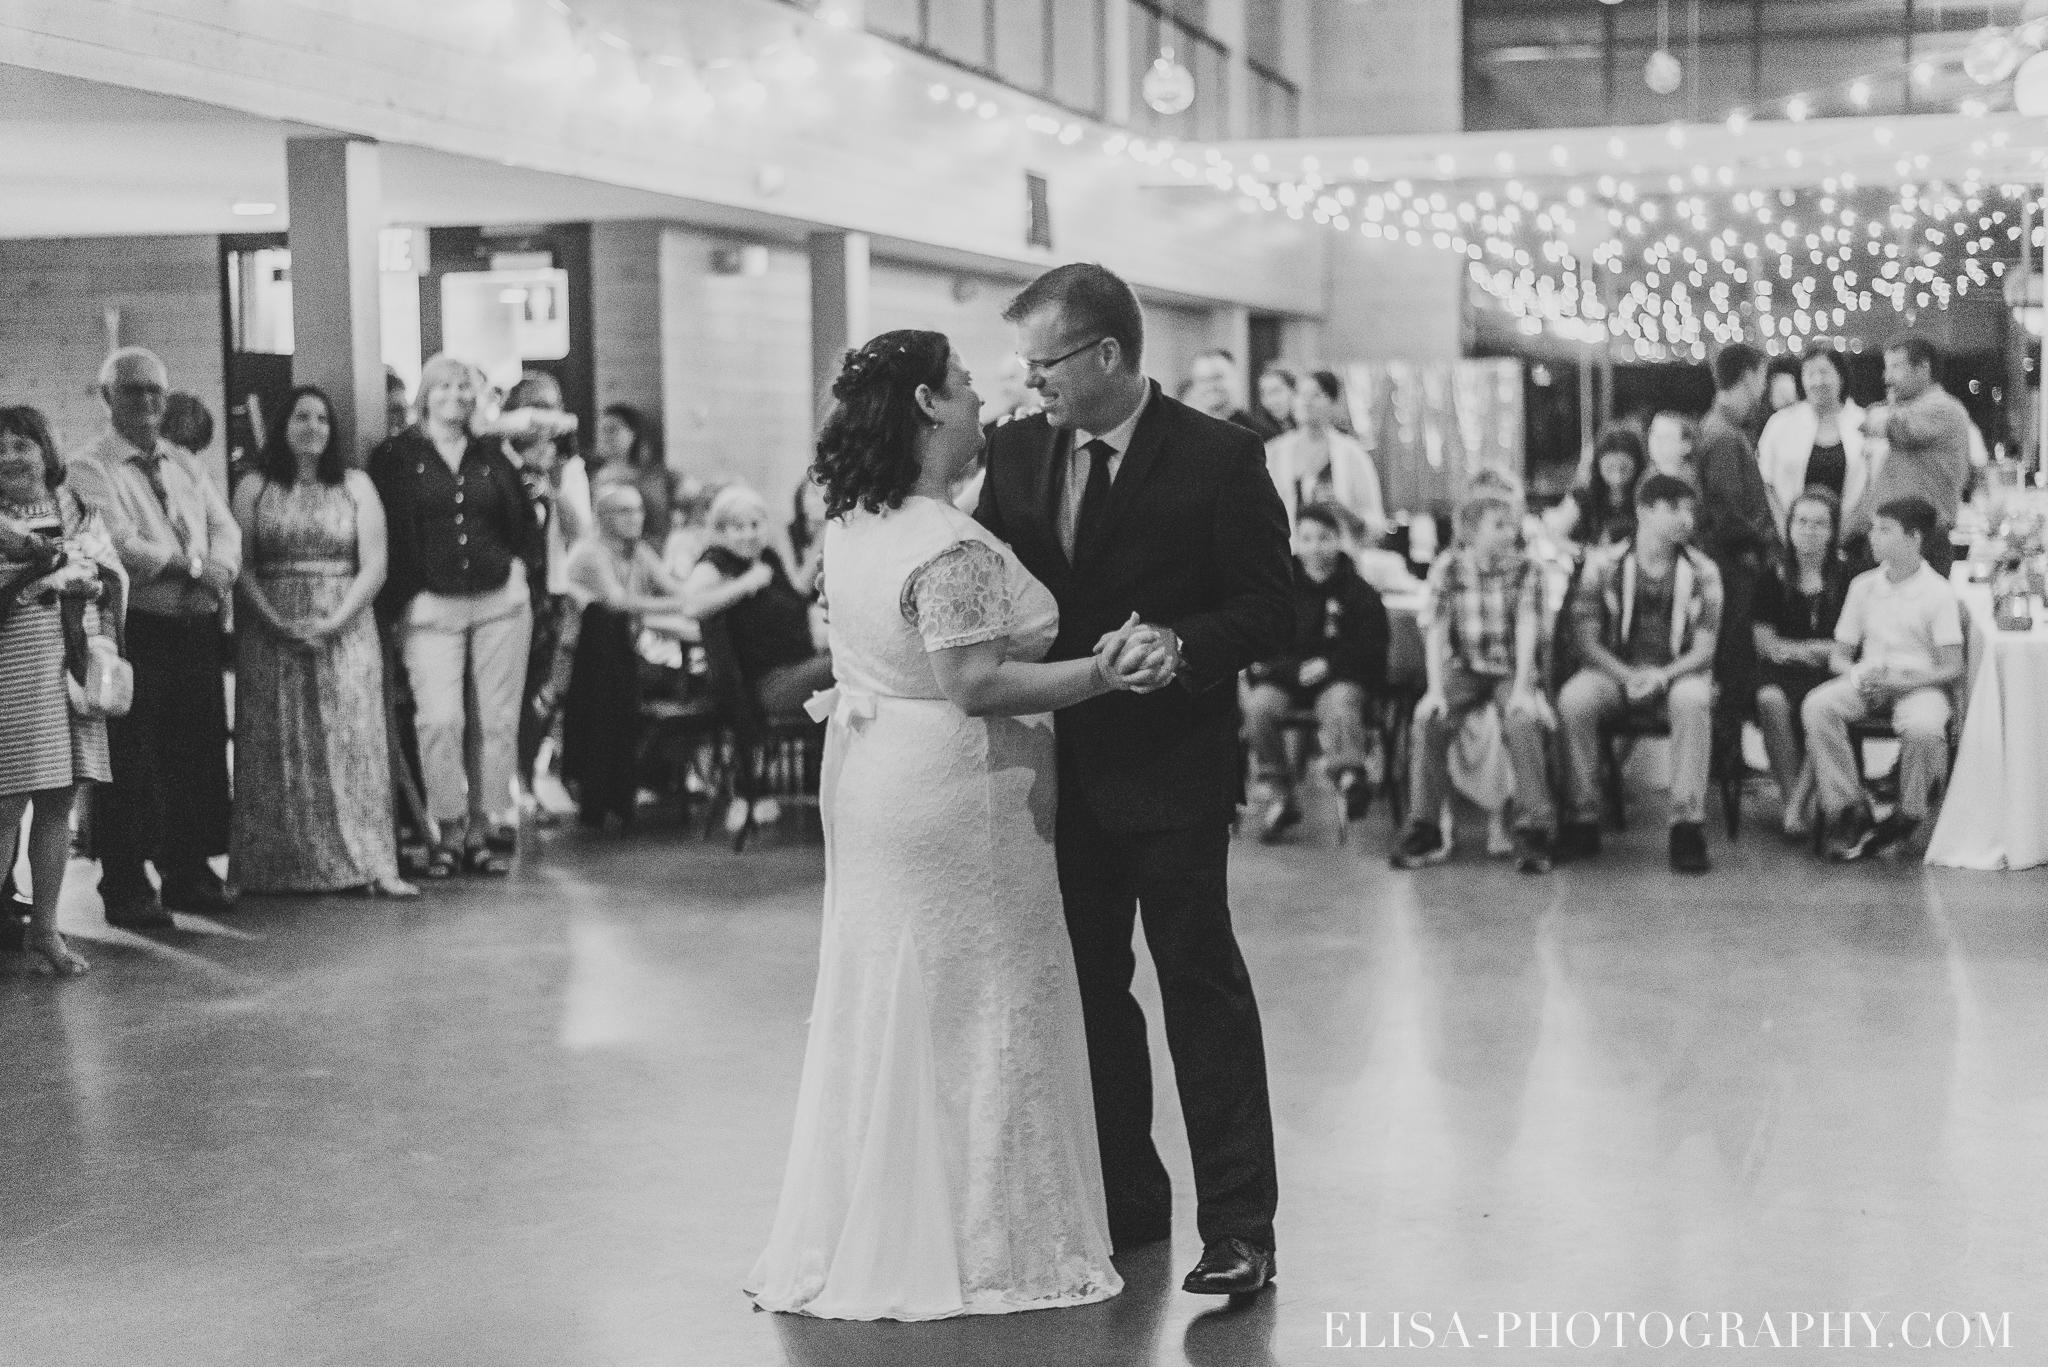 photo mariage quebec baie beauport reception fete danse des maries jeux soulier 9091 - Mariage à la plage de la baie de Beauport